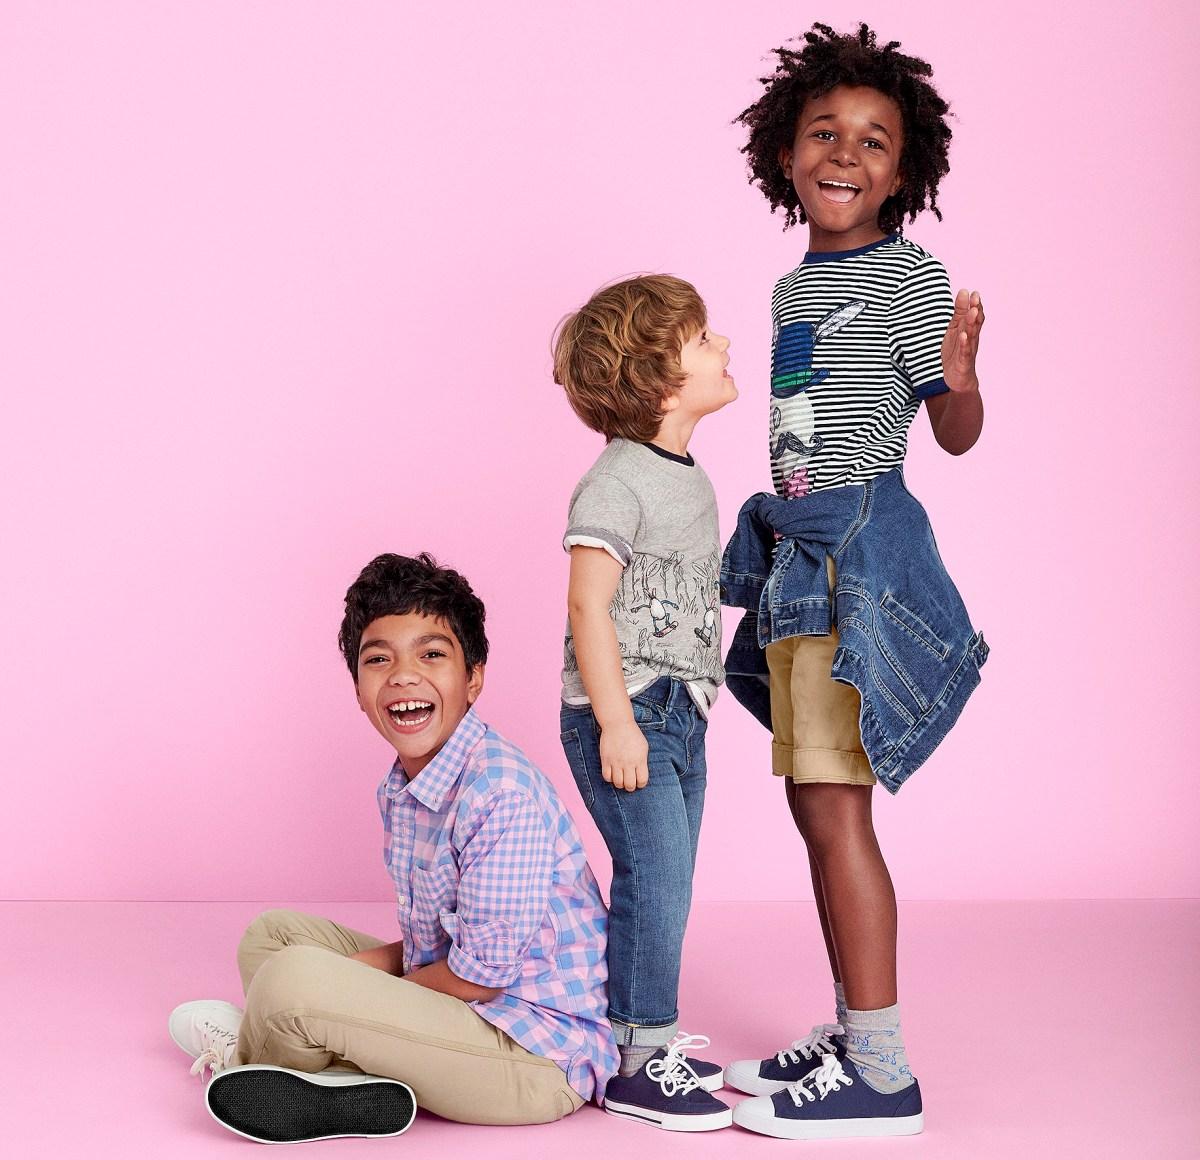 fc976c1ec8 Sarah Jessica Parker x Gap Kids Clothing Collection: Details